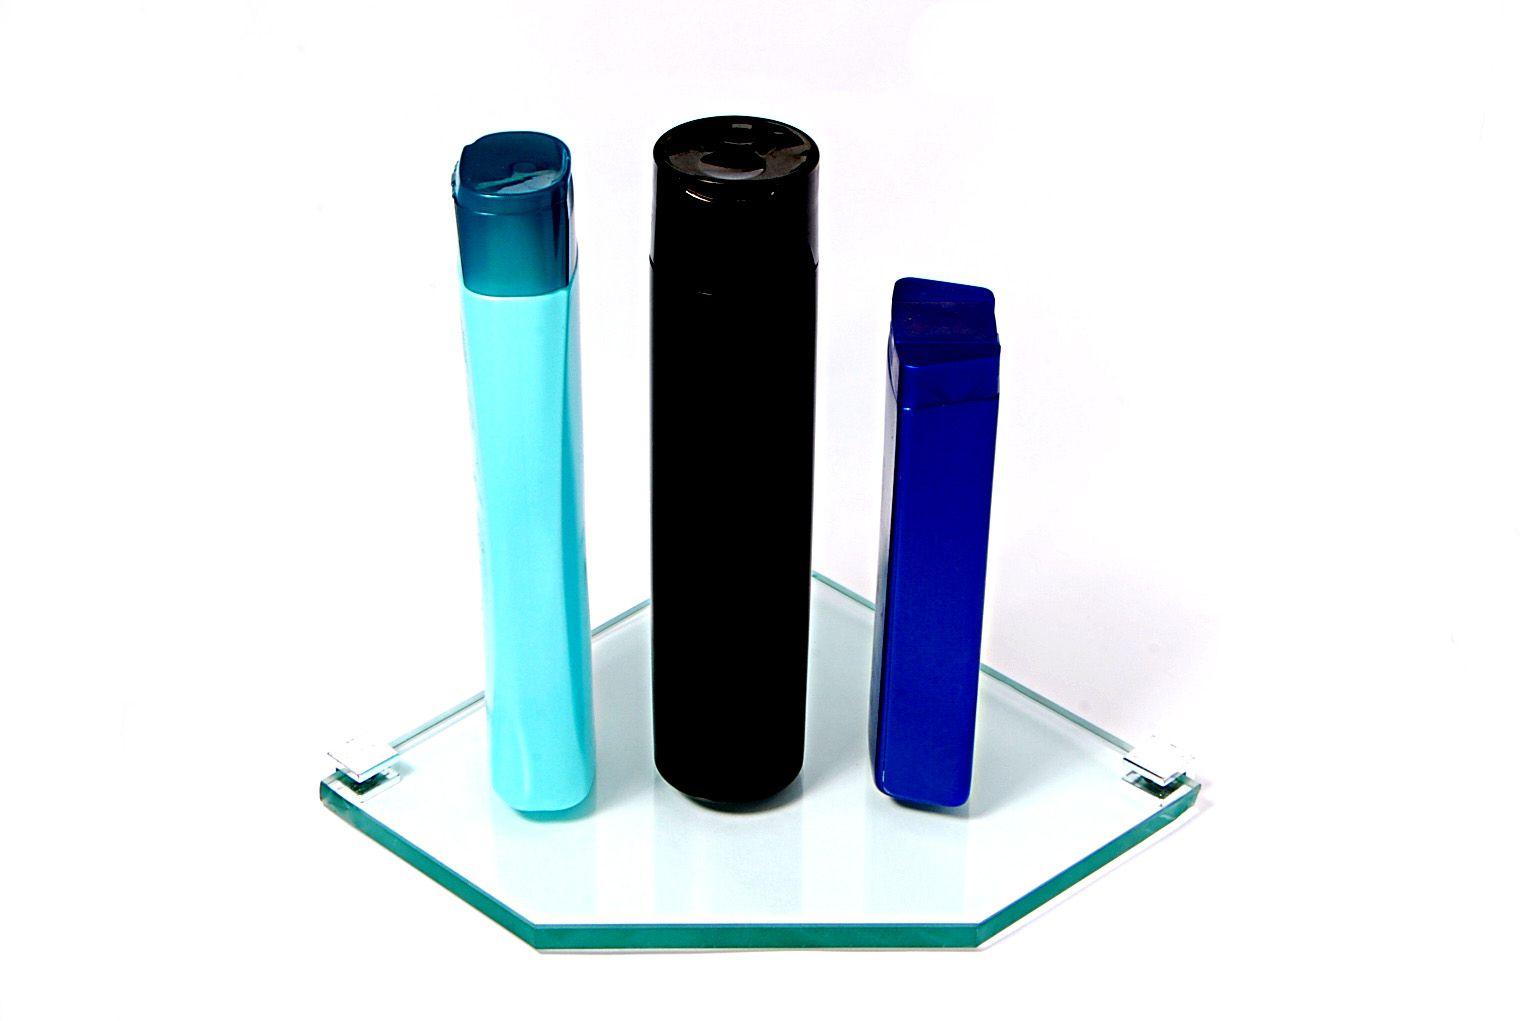 Porta Shampoo de Canto Reto em Vidro Incolor Lapidado - Aquabox  - 20cmx20cmx10mm